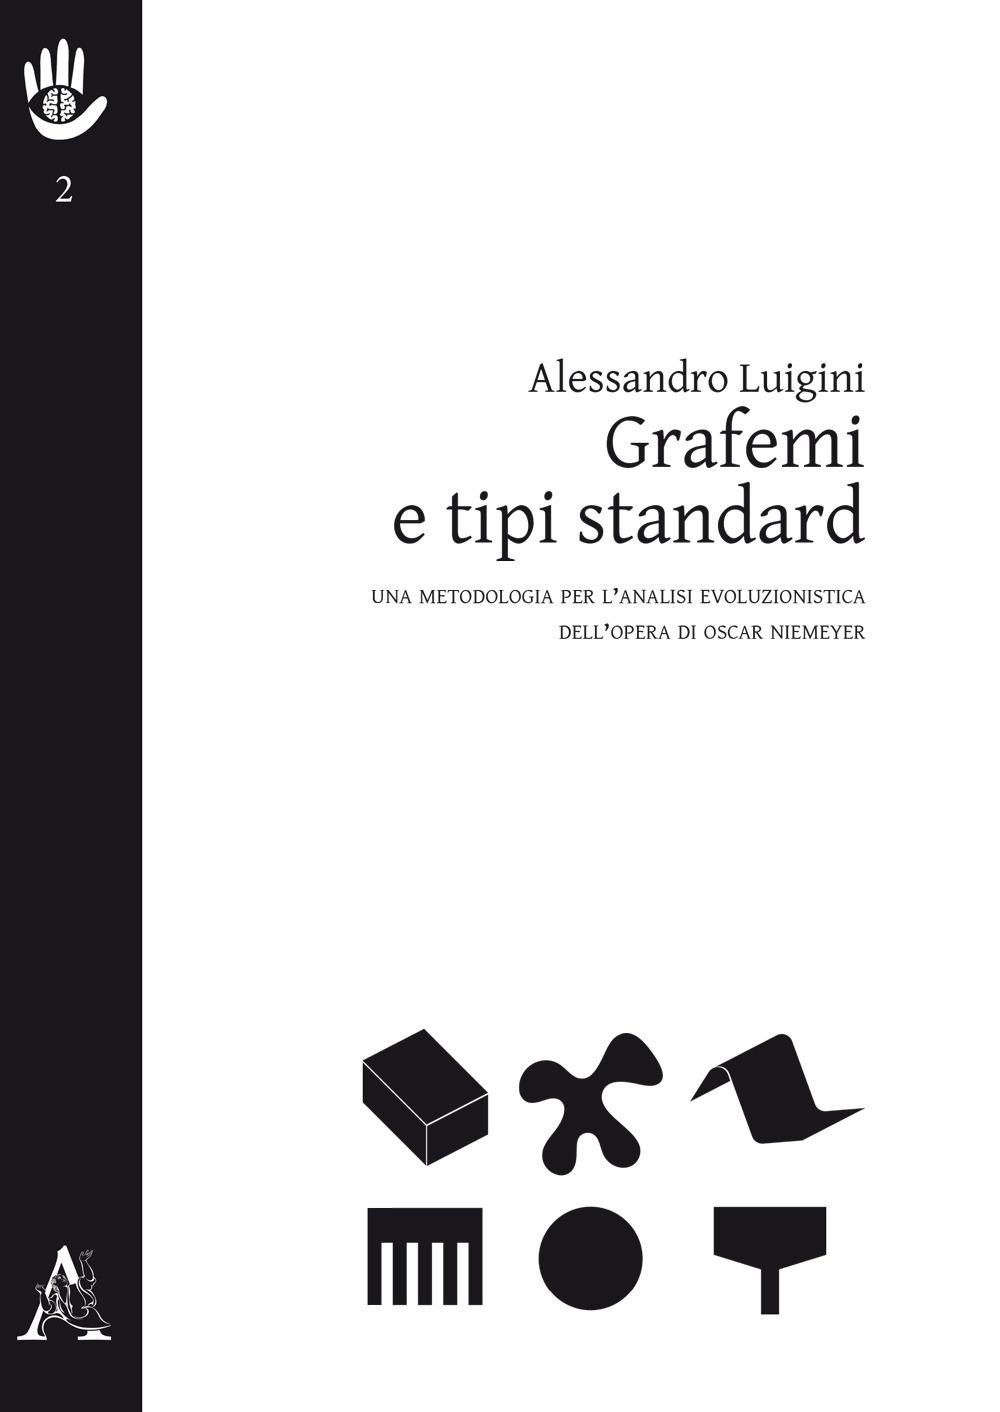 Grafemi e tipi standard. Una metodologia per l'analisi evoluzionistica dell'opera di Oscar Niemeyer